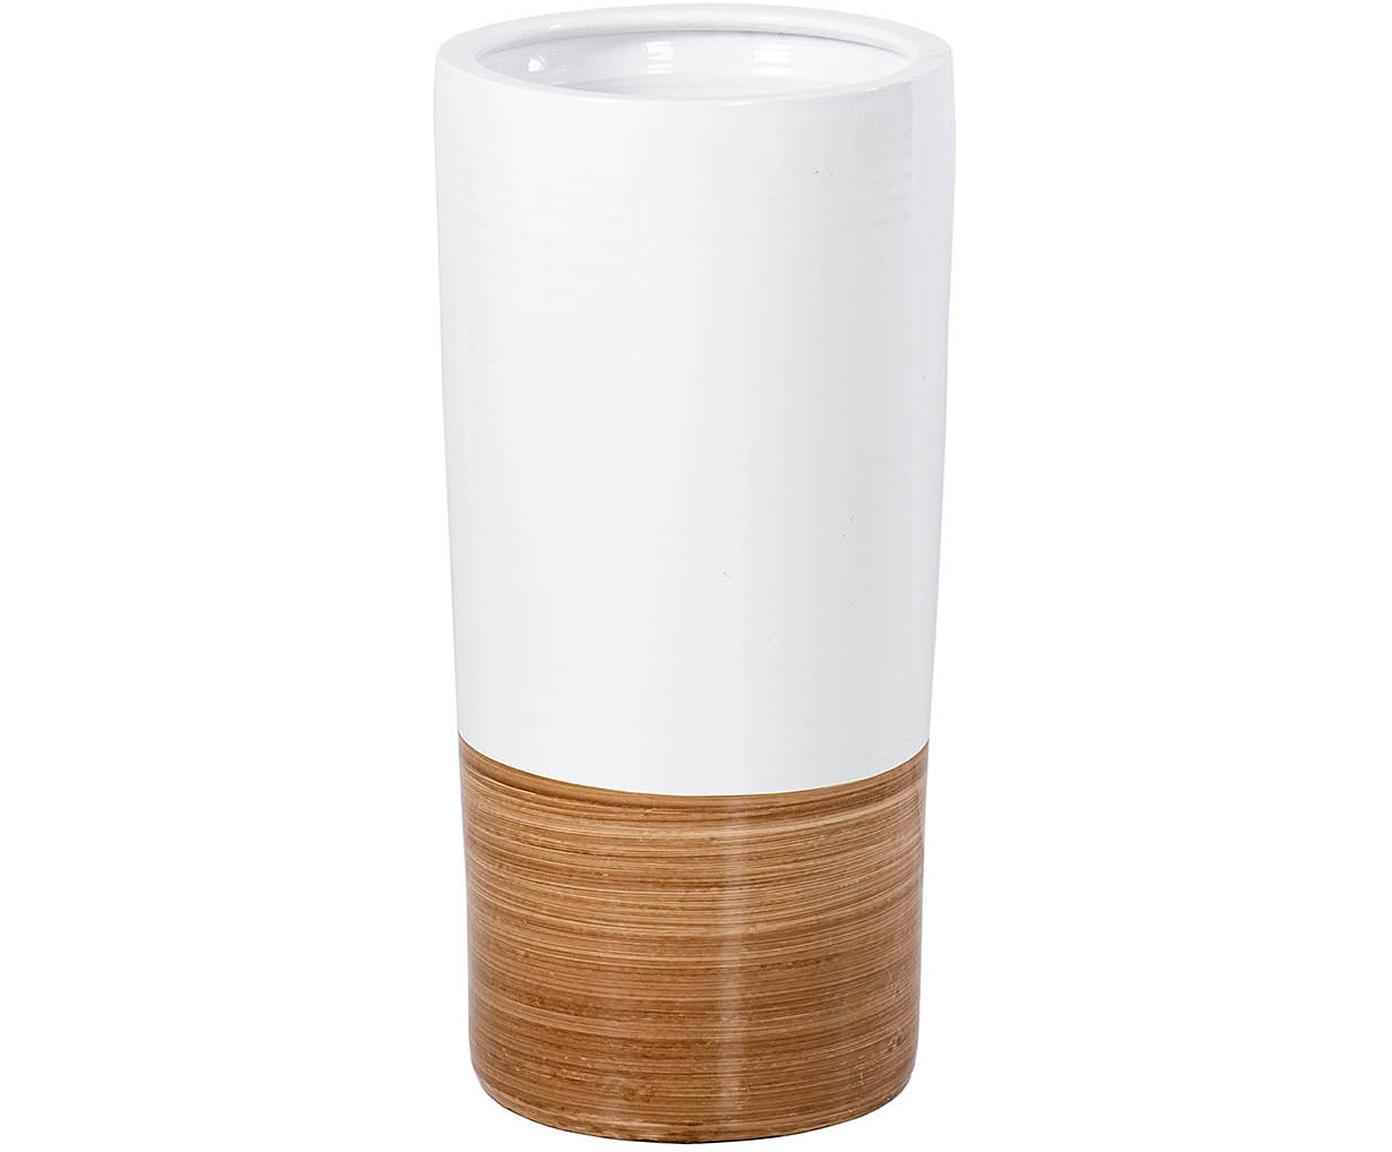 Paragüero Compis, Cerámica, Marrón, blanco, Ø 23 x Al 50 cm